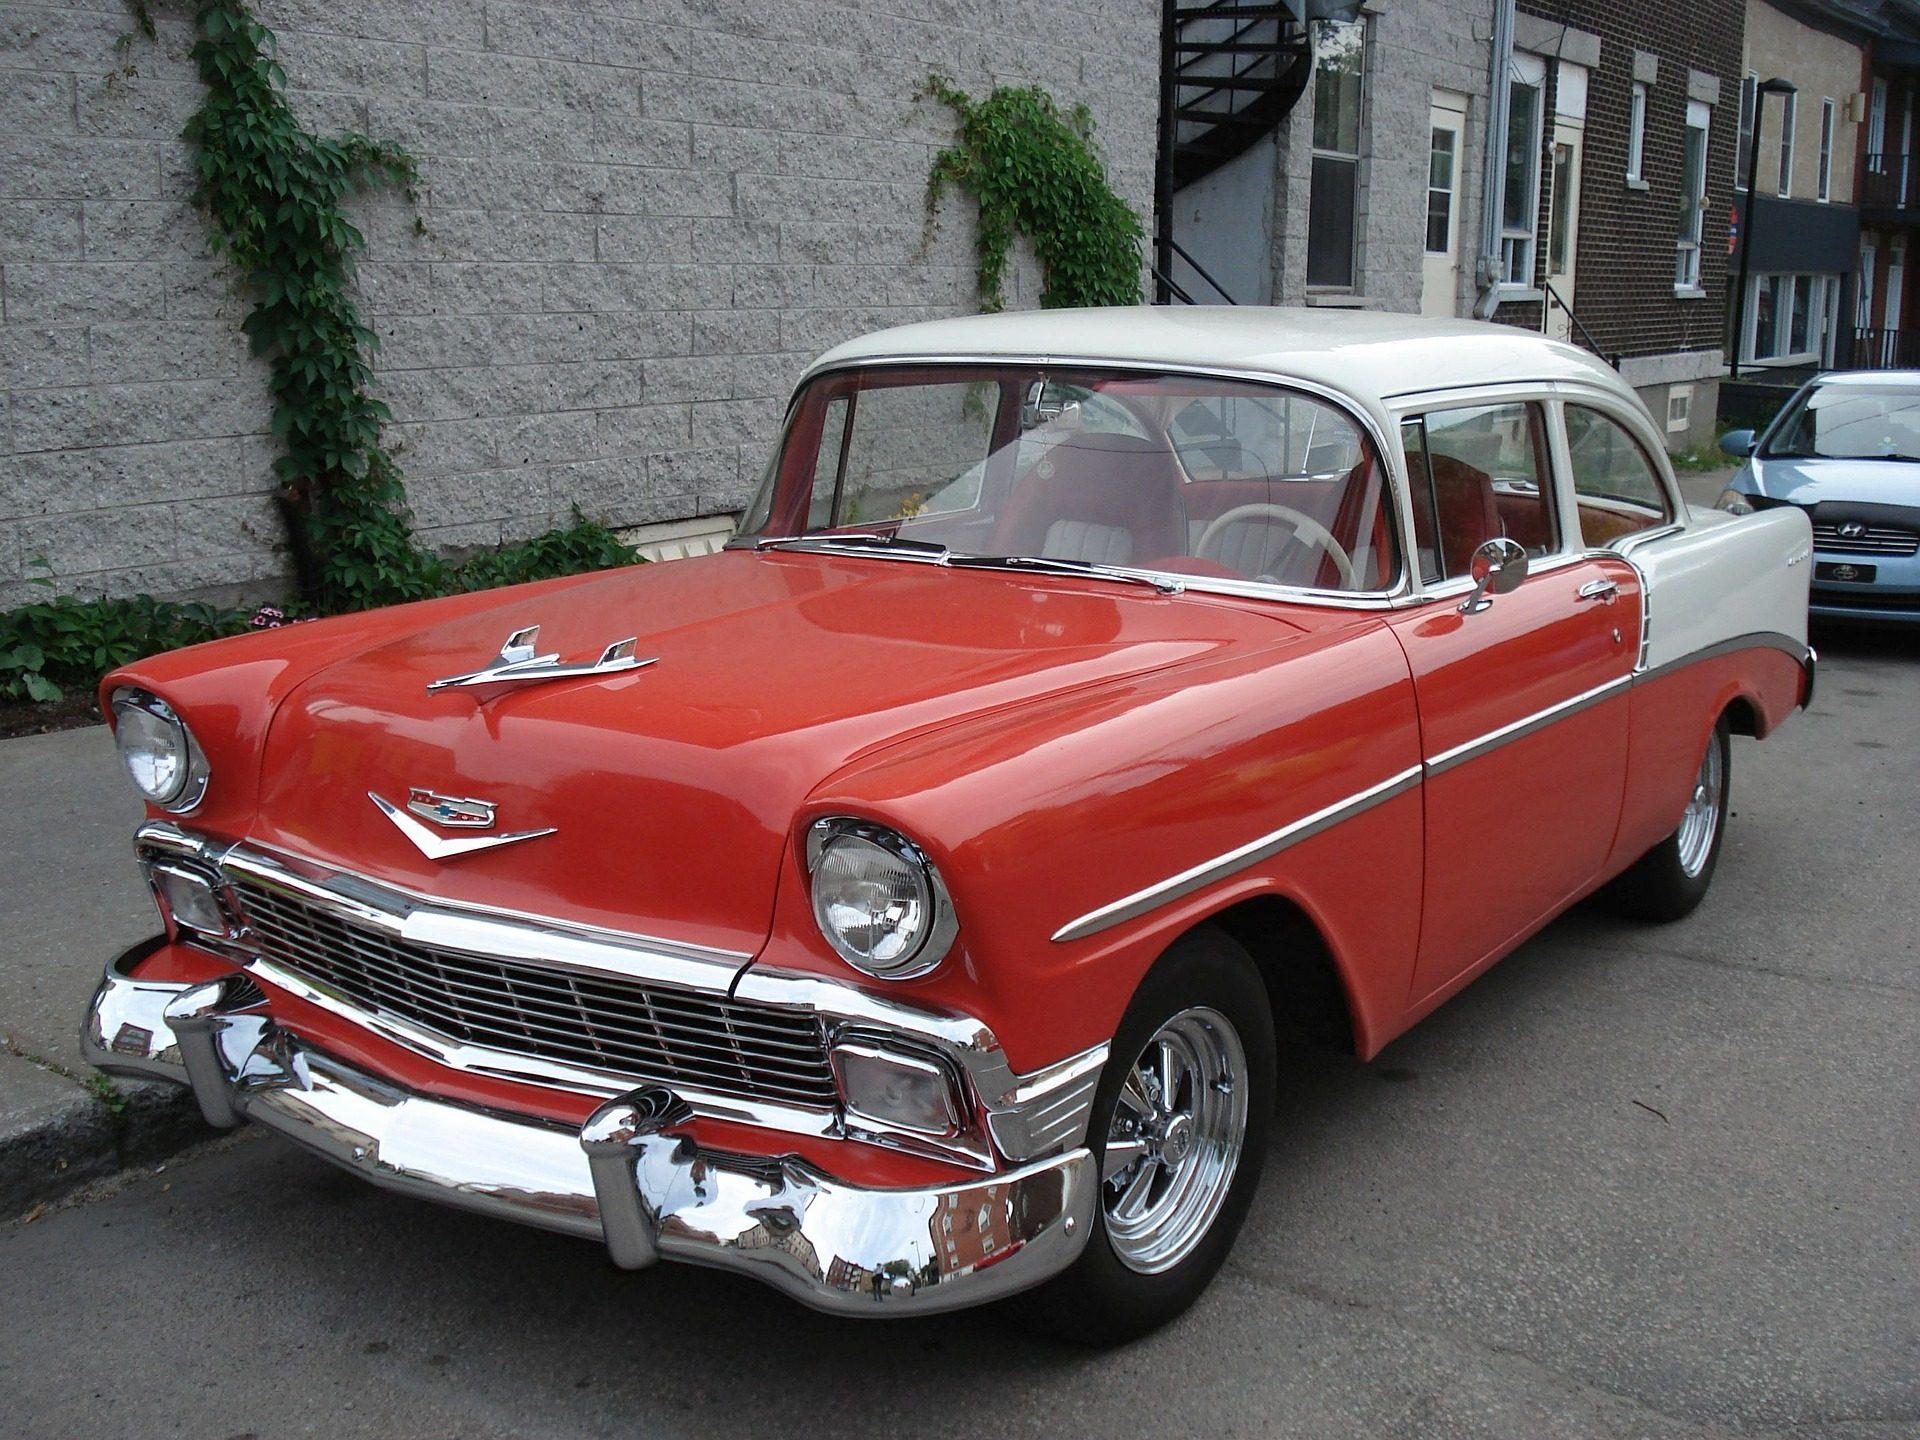 कार, पुराने, विंटेज, chevy, bel air, चमक, लाल - HD वॉलपेपर - प्रोफेसर-falken.com